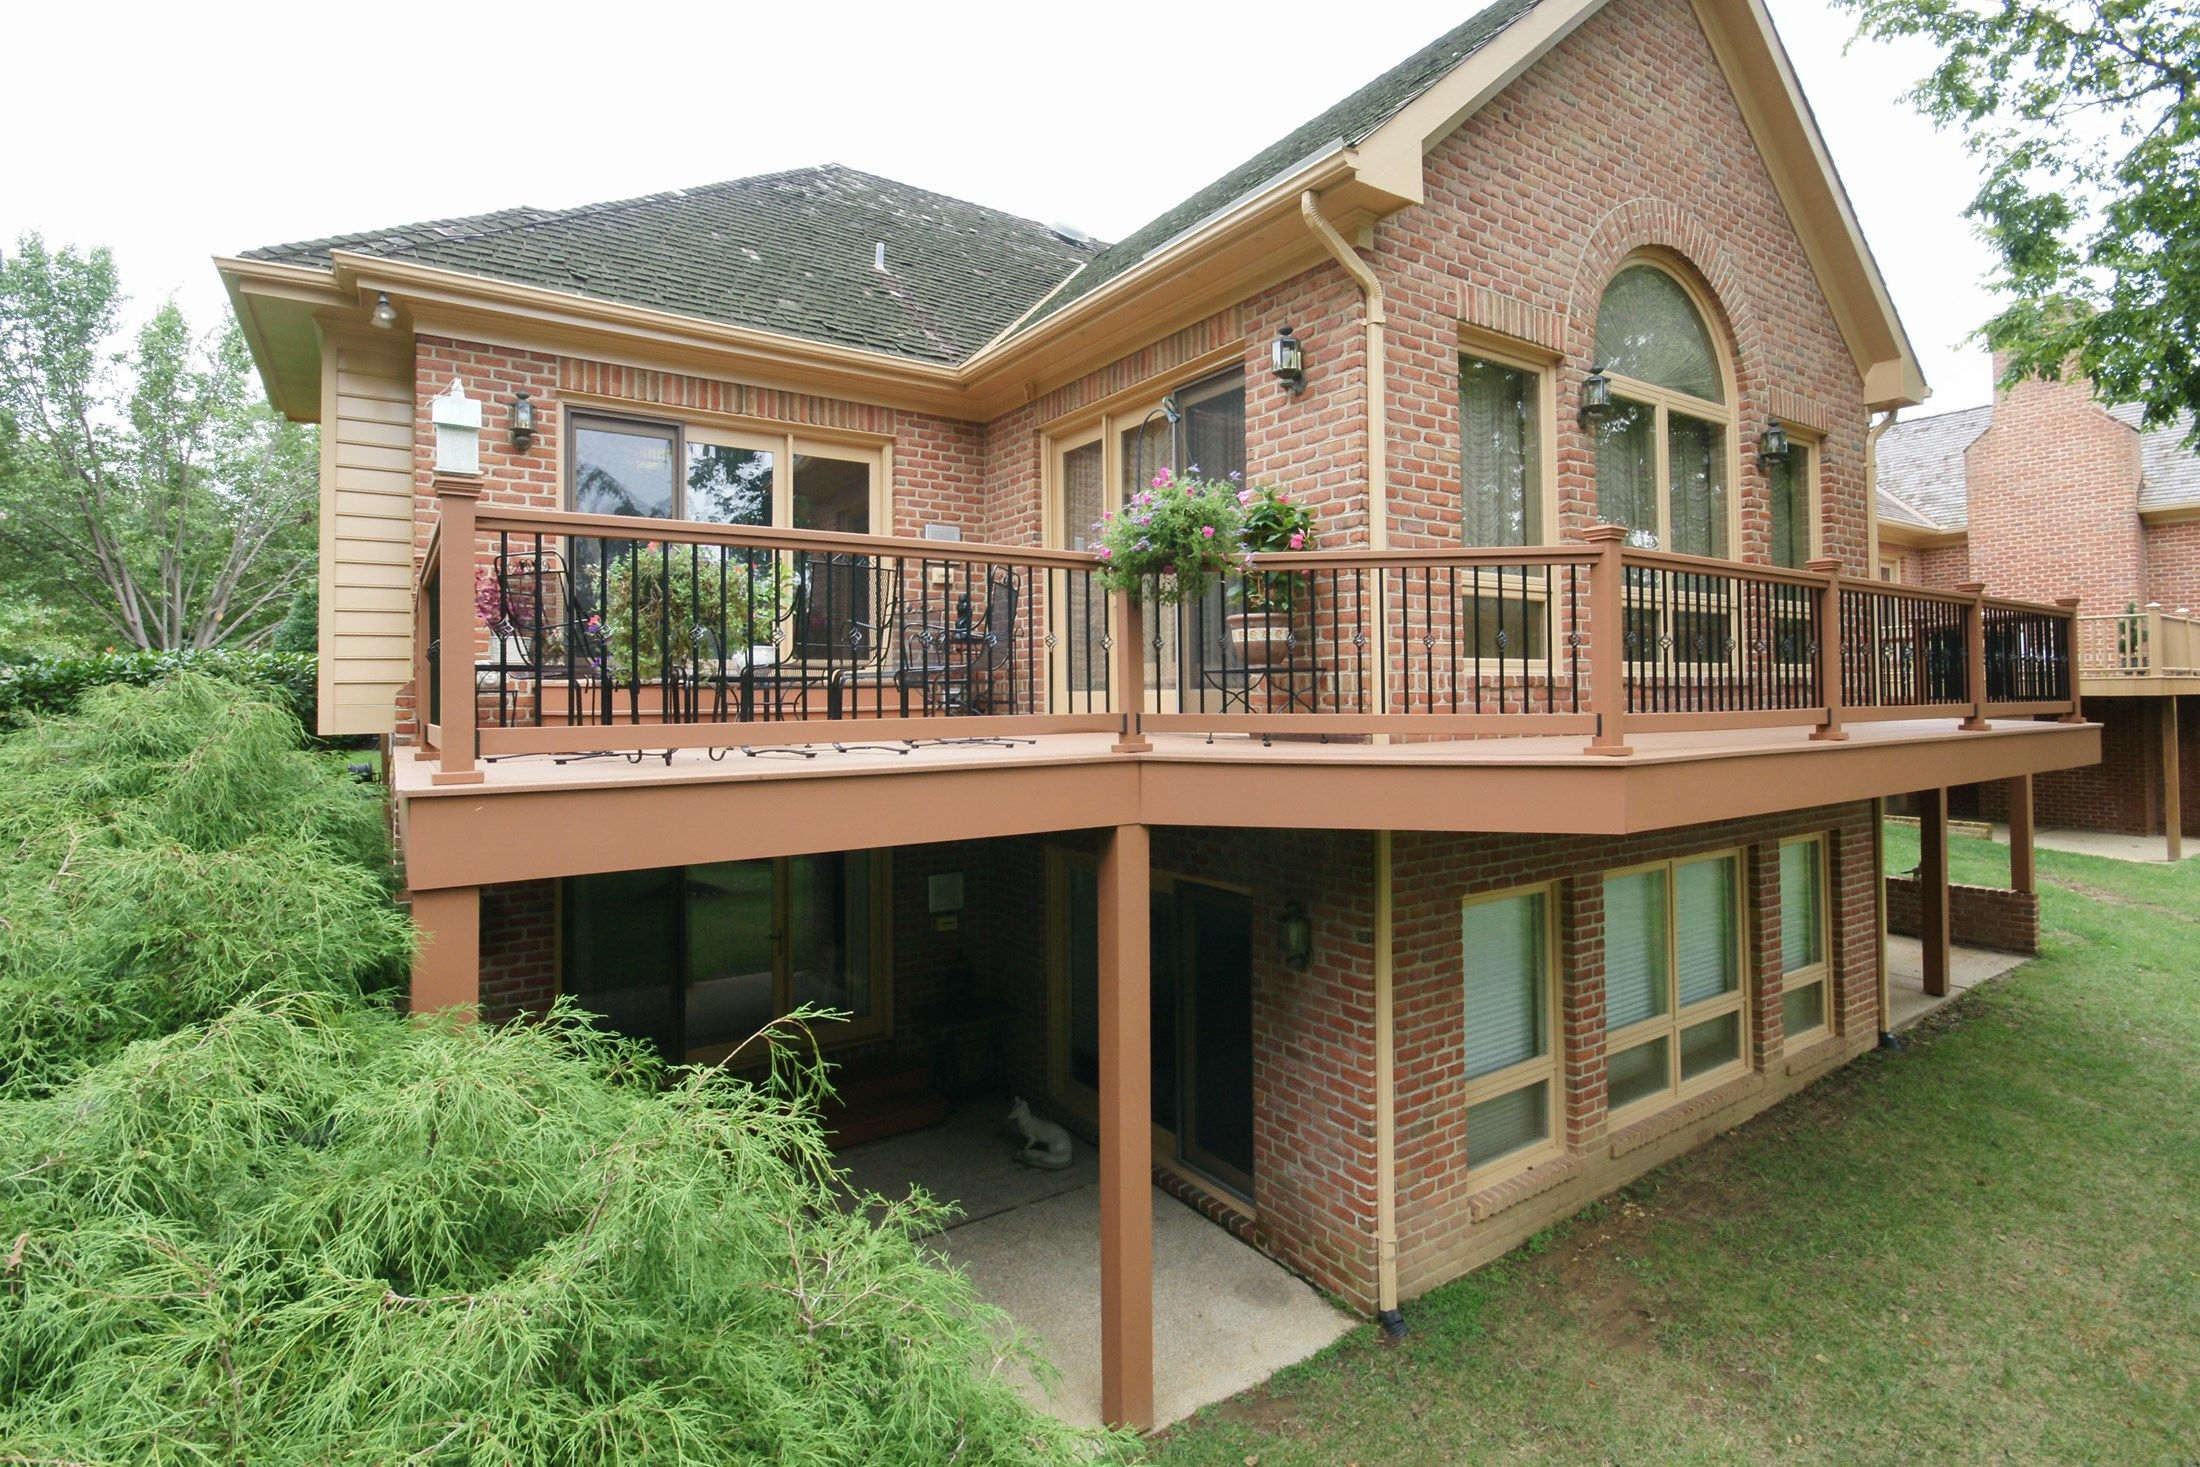 South River Cedar deck - Picture 1509